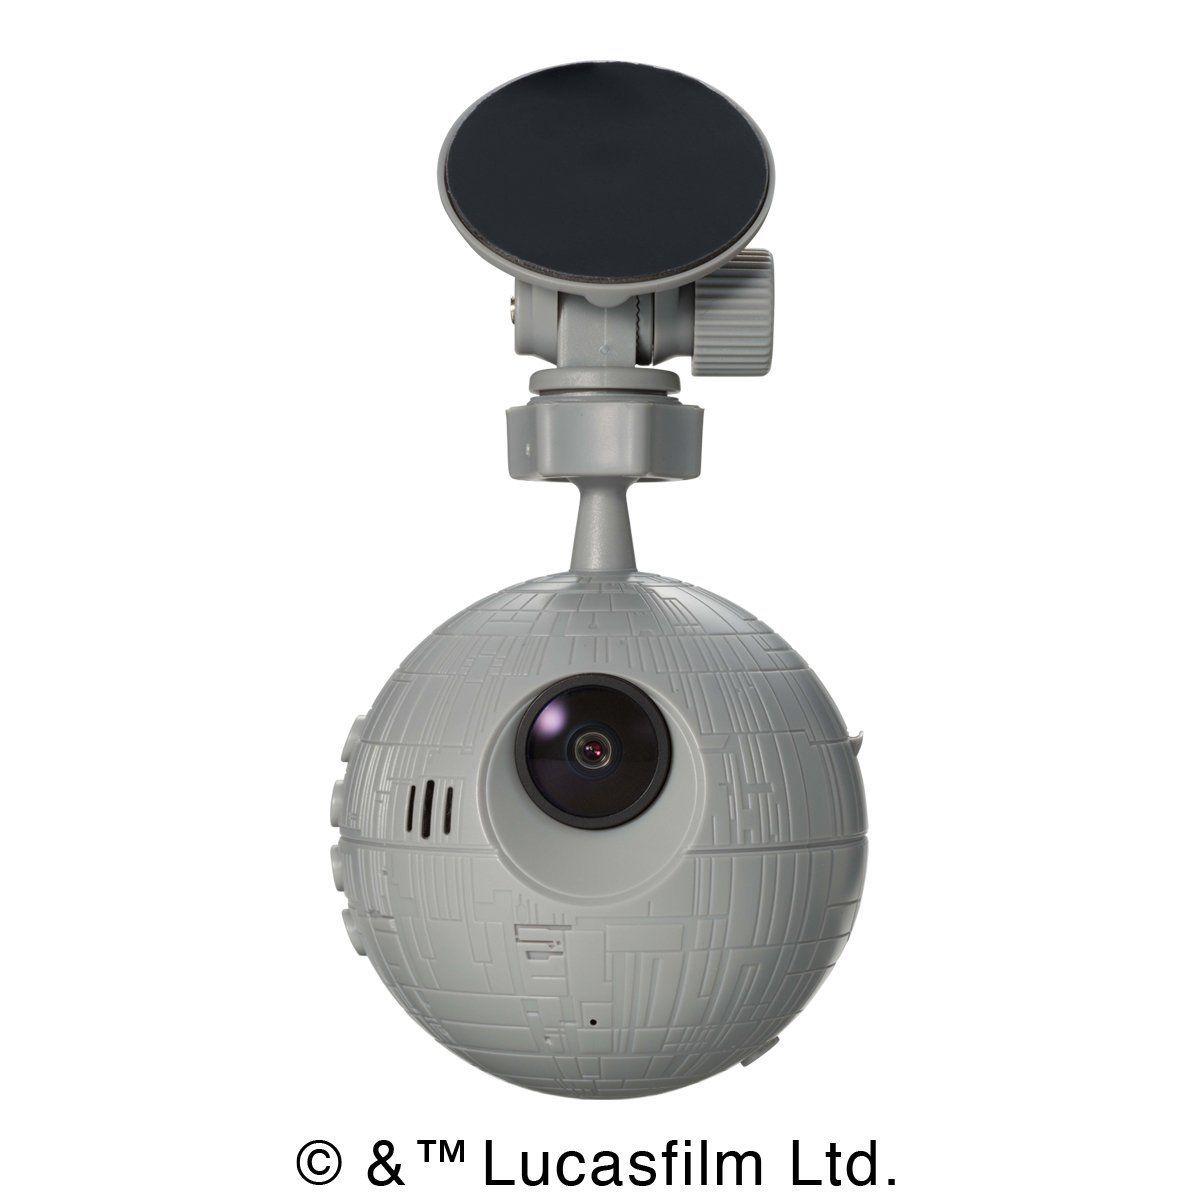 【限定販売】スター・ウォーズ『スターウォーズ ドライブレコーダー SW-MS01』カー用品-002